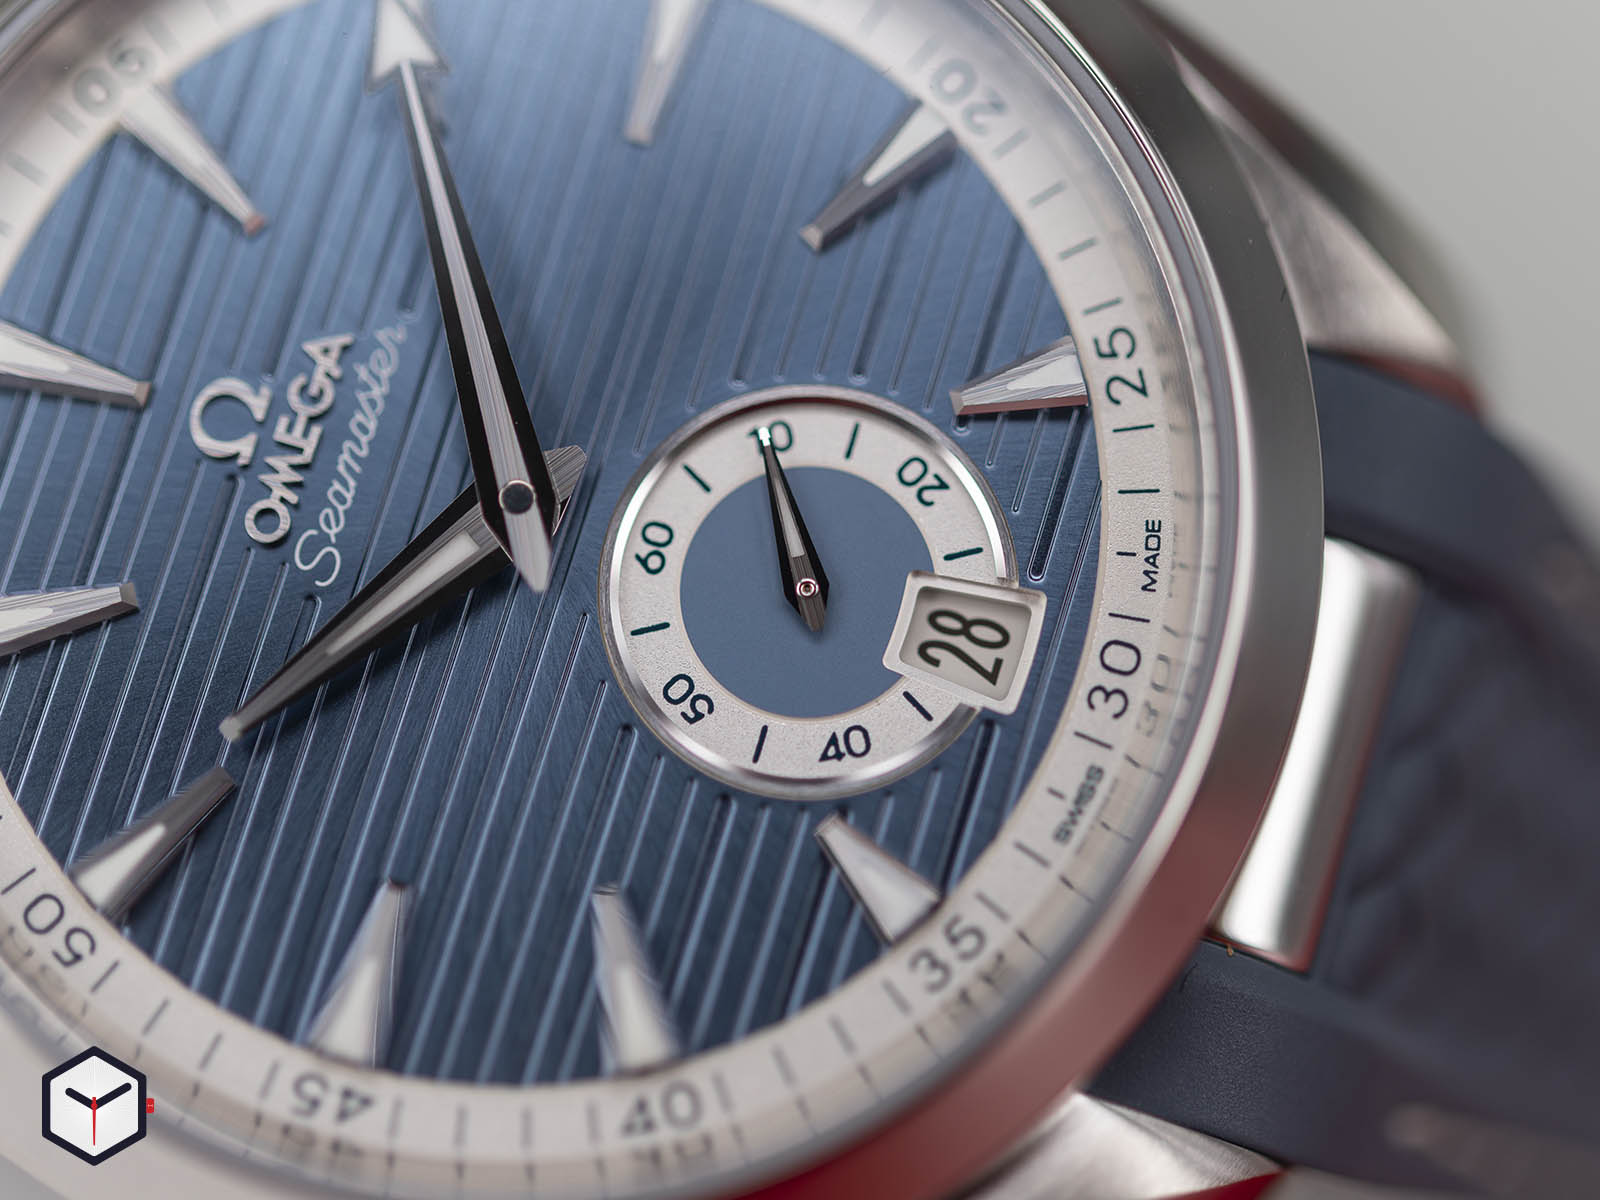 omega-aqua-terra-150m-co-axial-master-chronometer-small-seconds-41mm-4.jpg